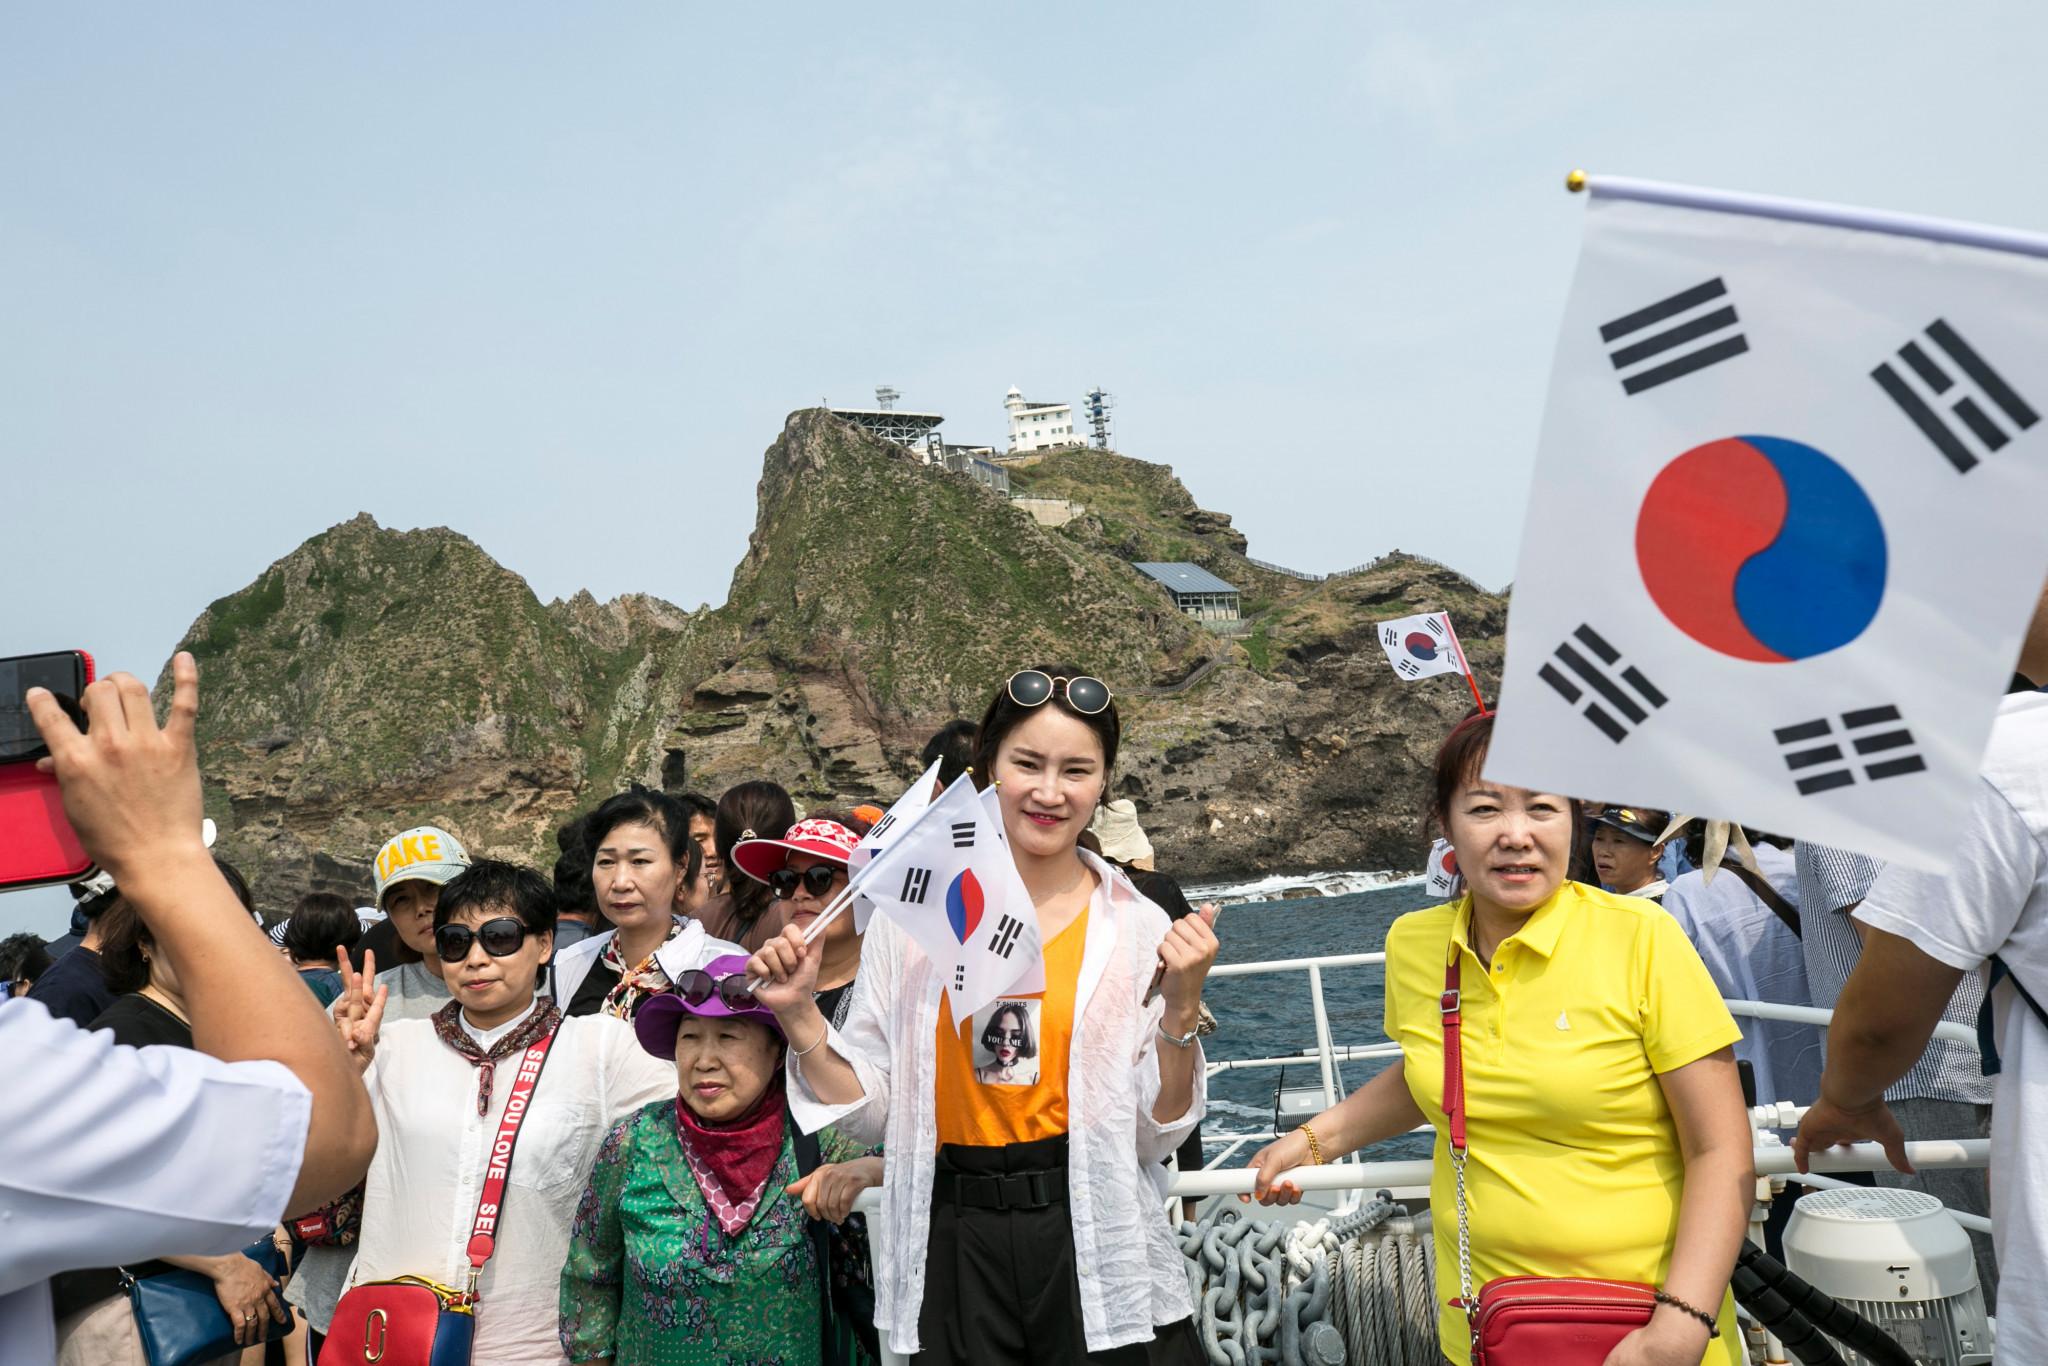 한국은 한국에서 독도라고 알려진 섬을 통제하지만 일본은 영토의 일부로 인식합니다. © Getty Images